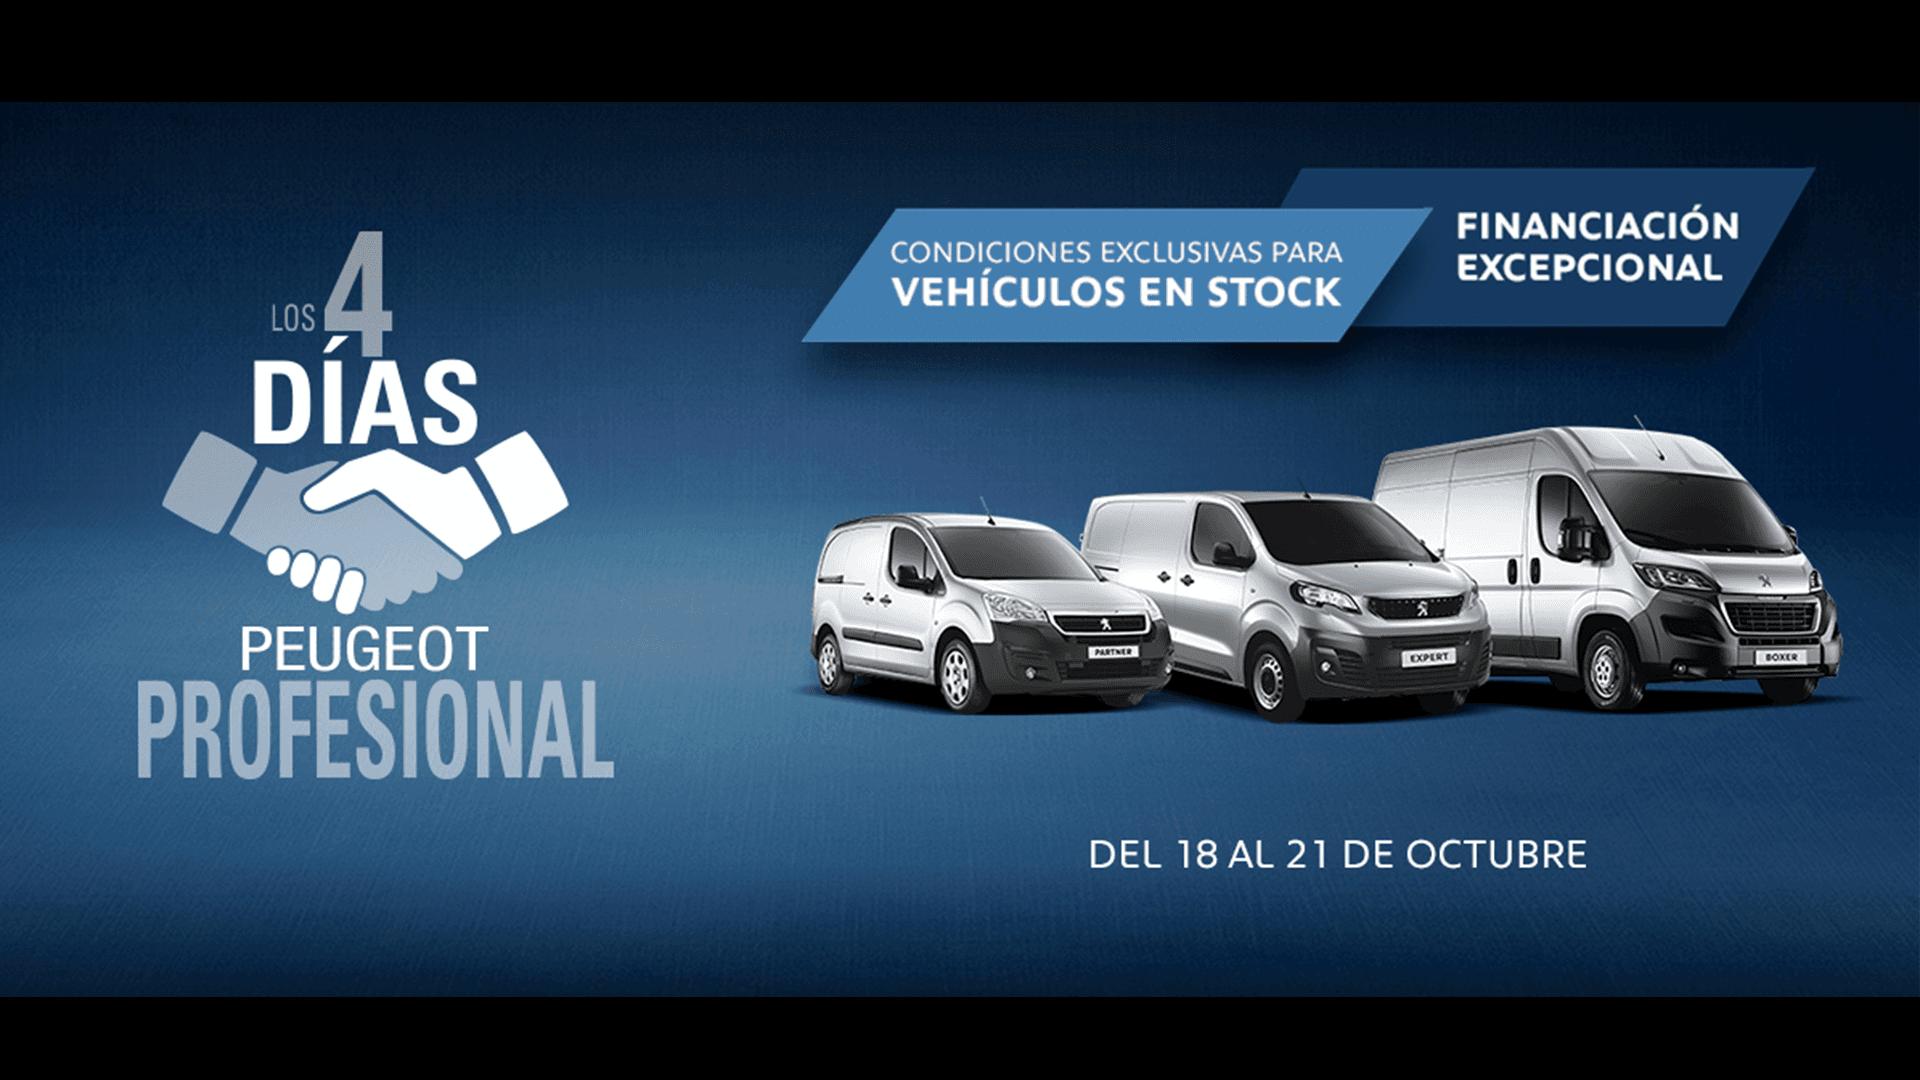 ¡No te pierdas los 4 días Peugeot Profesional!